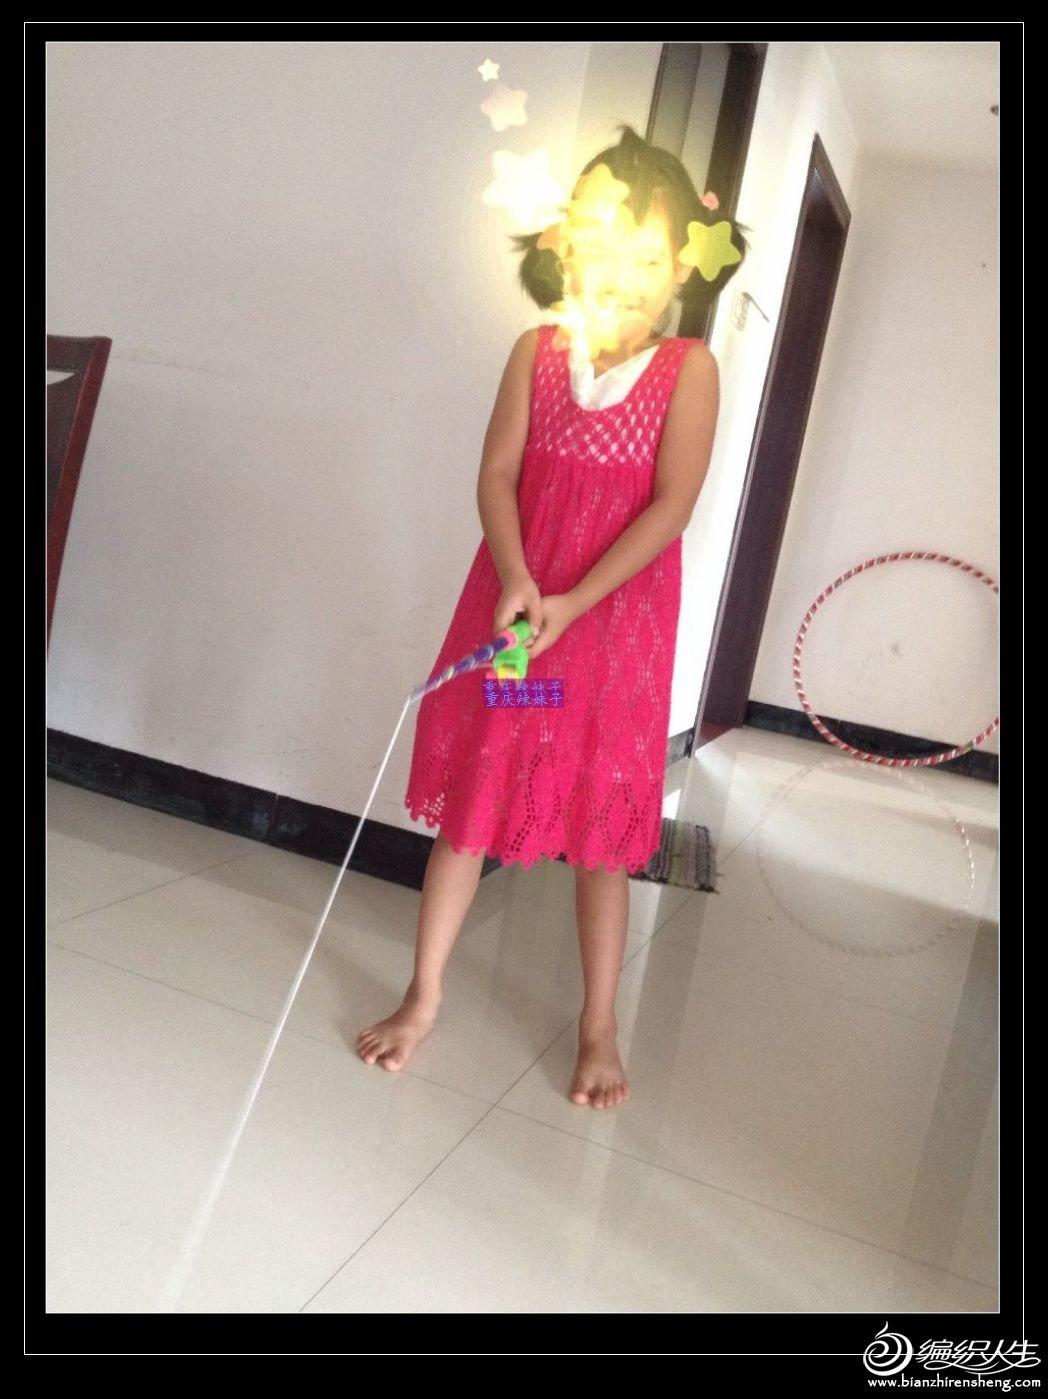 nEO_IMG_nEO_IMG_2014-09-20 111710.jpg